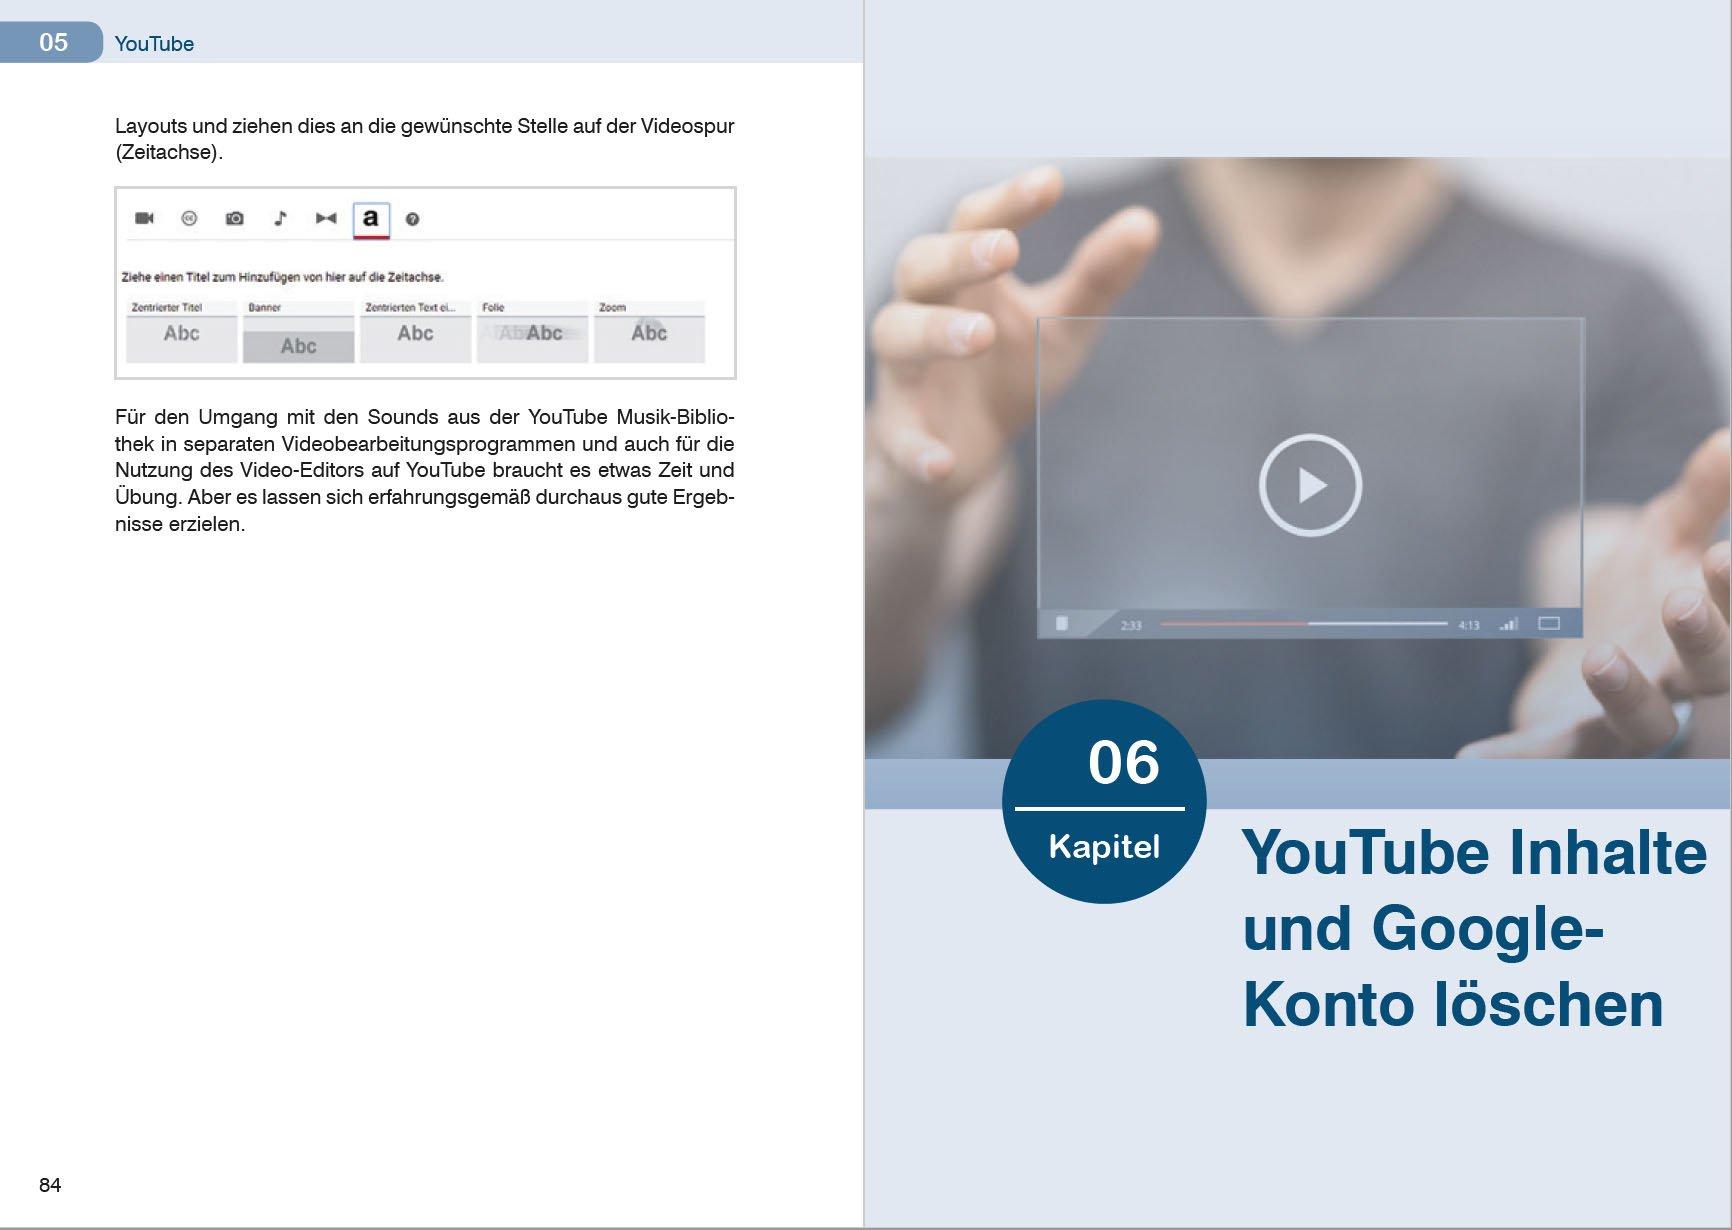 youtube konto löschen